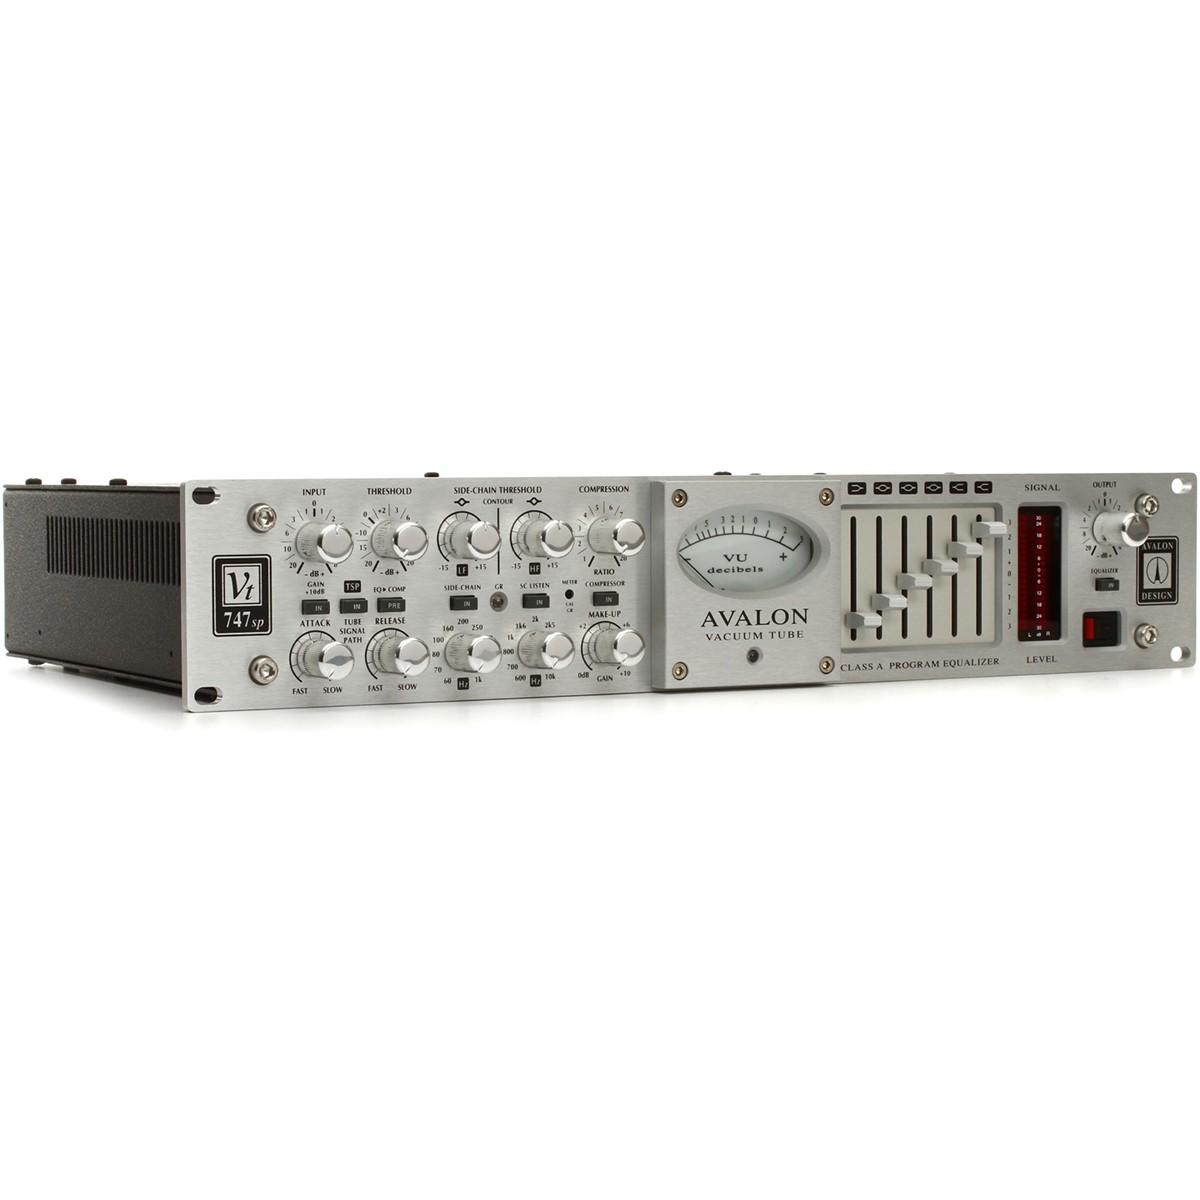 Avalon VT-747SP Stereo Compressor de Áudio, 6-Band EQ, 110v